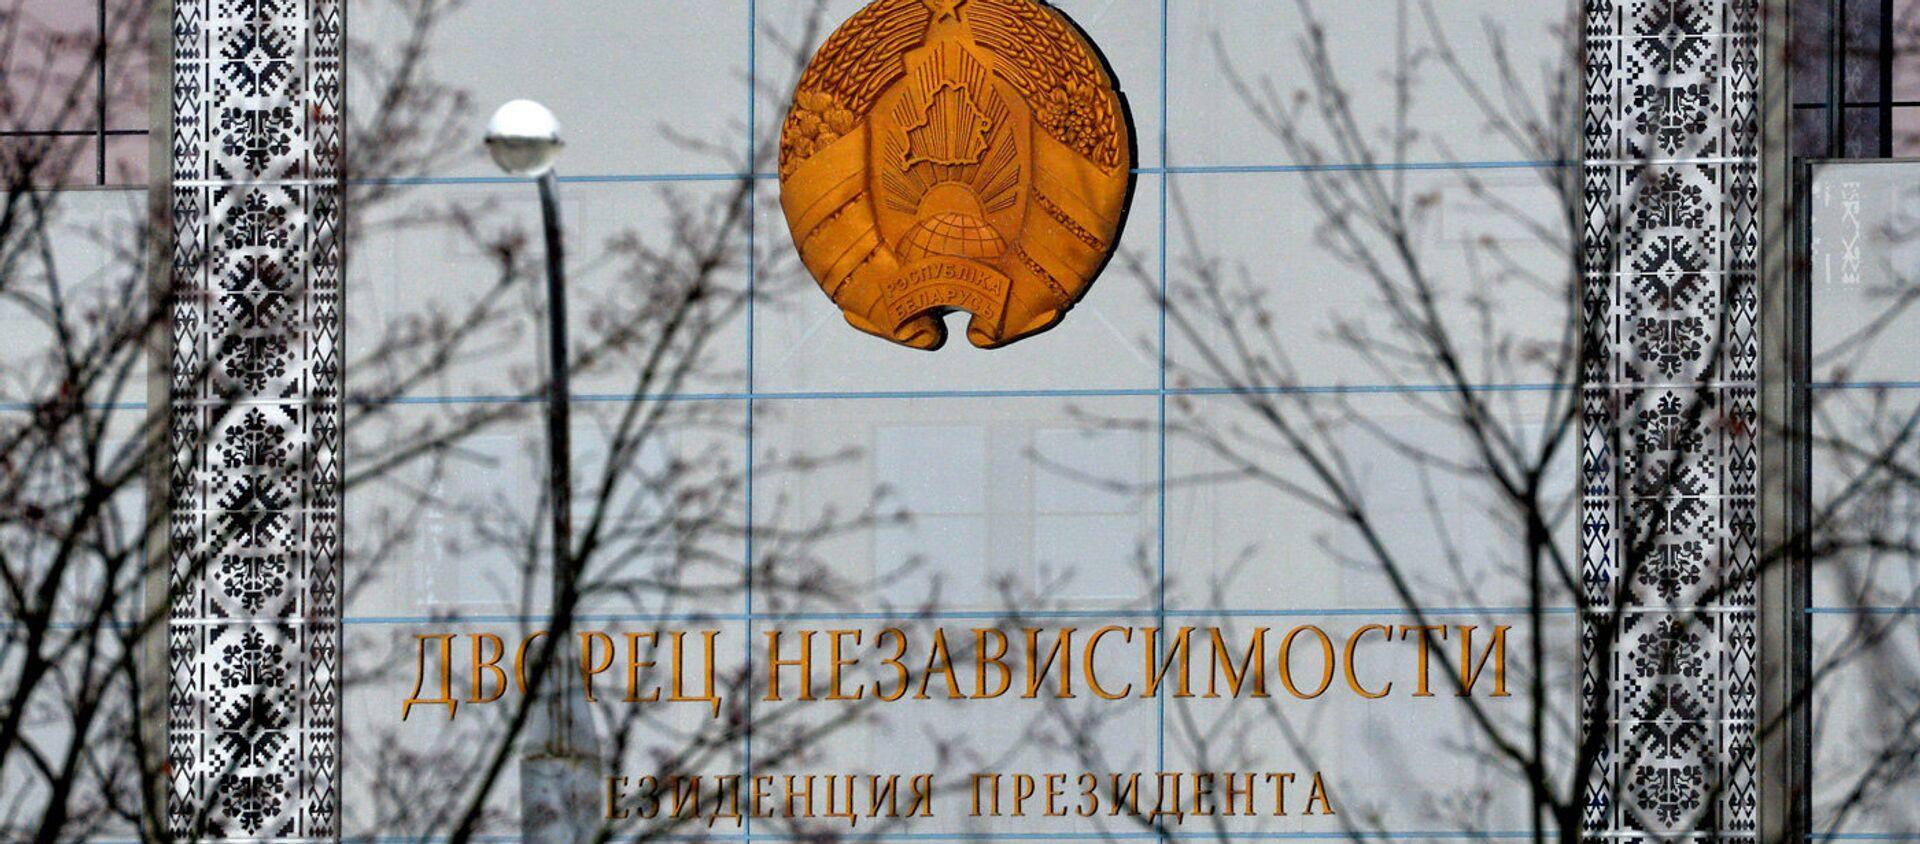 Палац Незалежнасці - Sputnik Беларусь, 1920, 30.03.2021